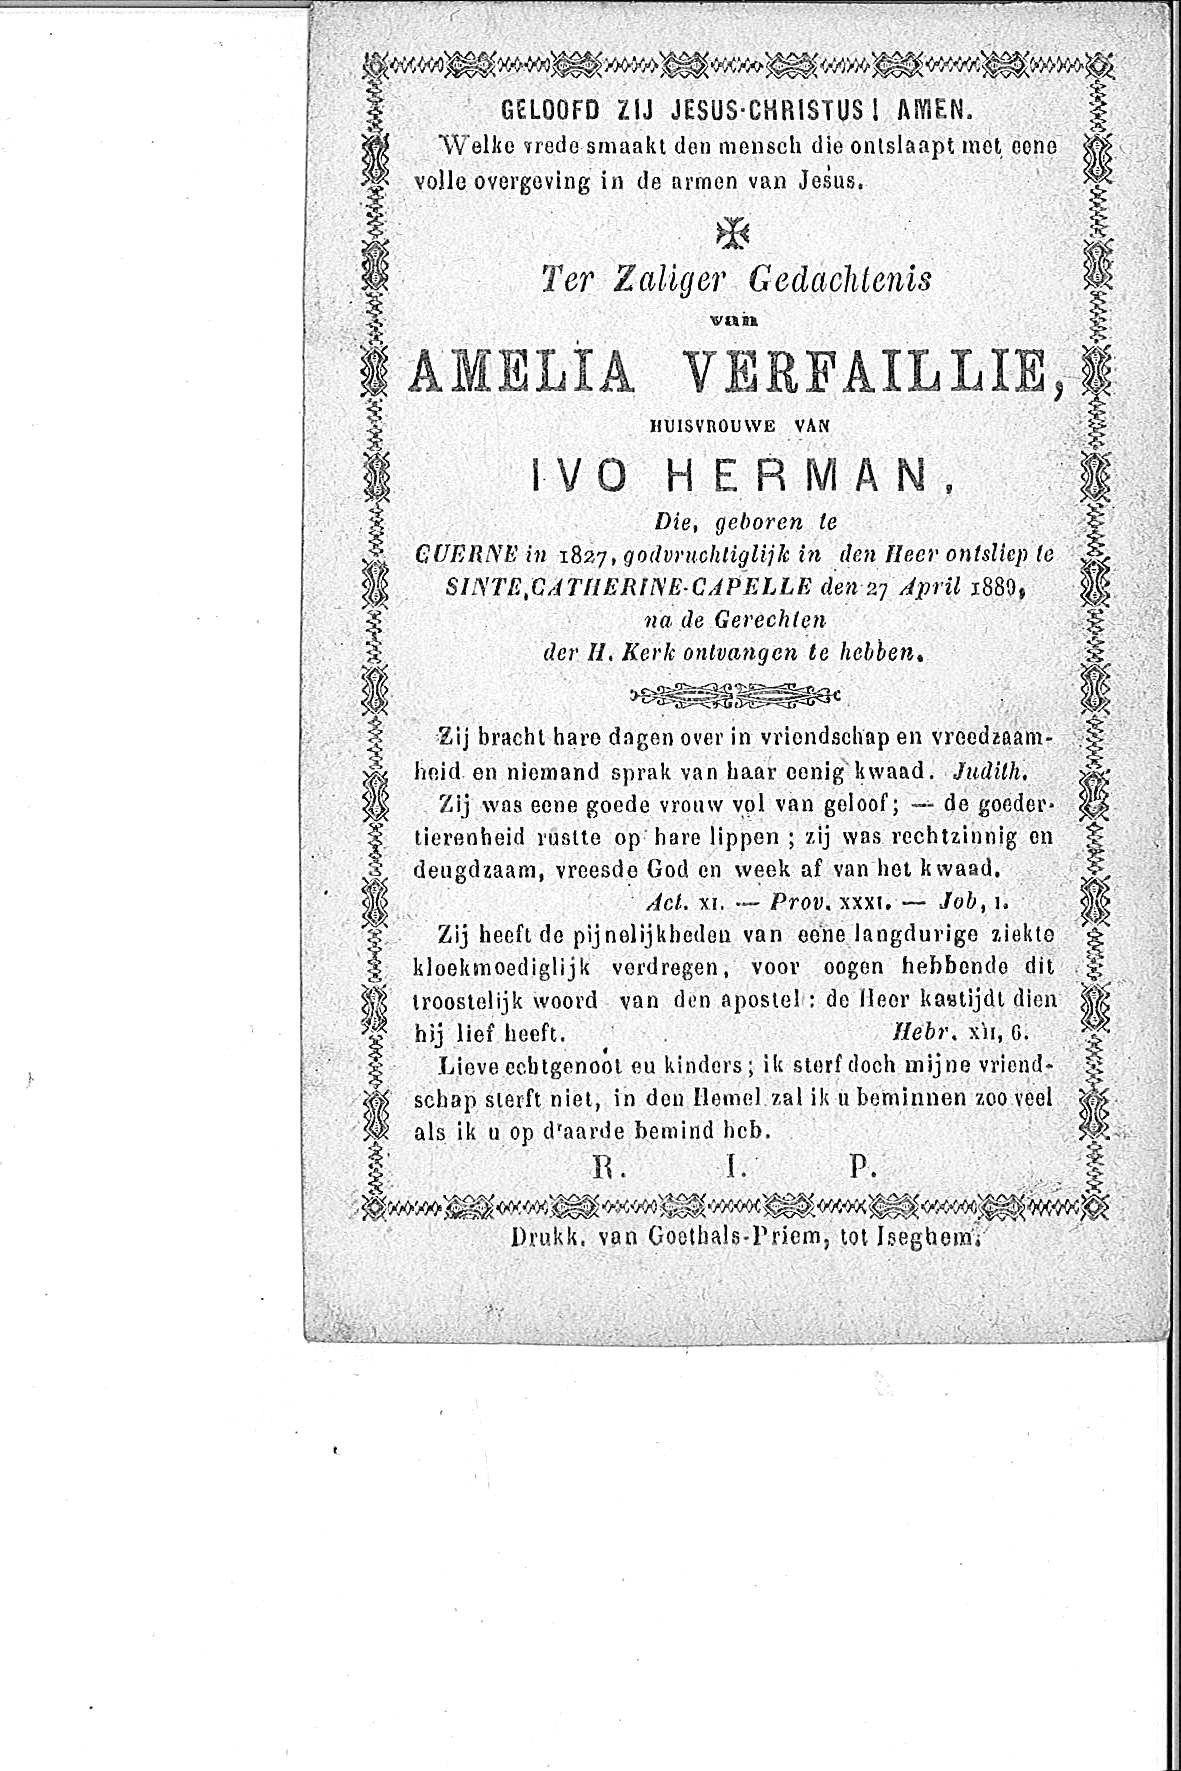 Verfaillie Amelia